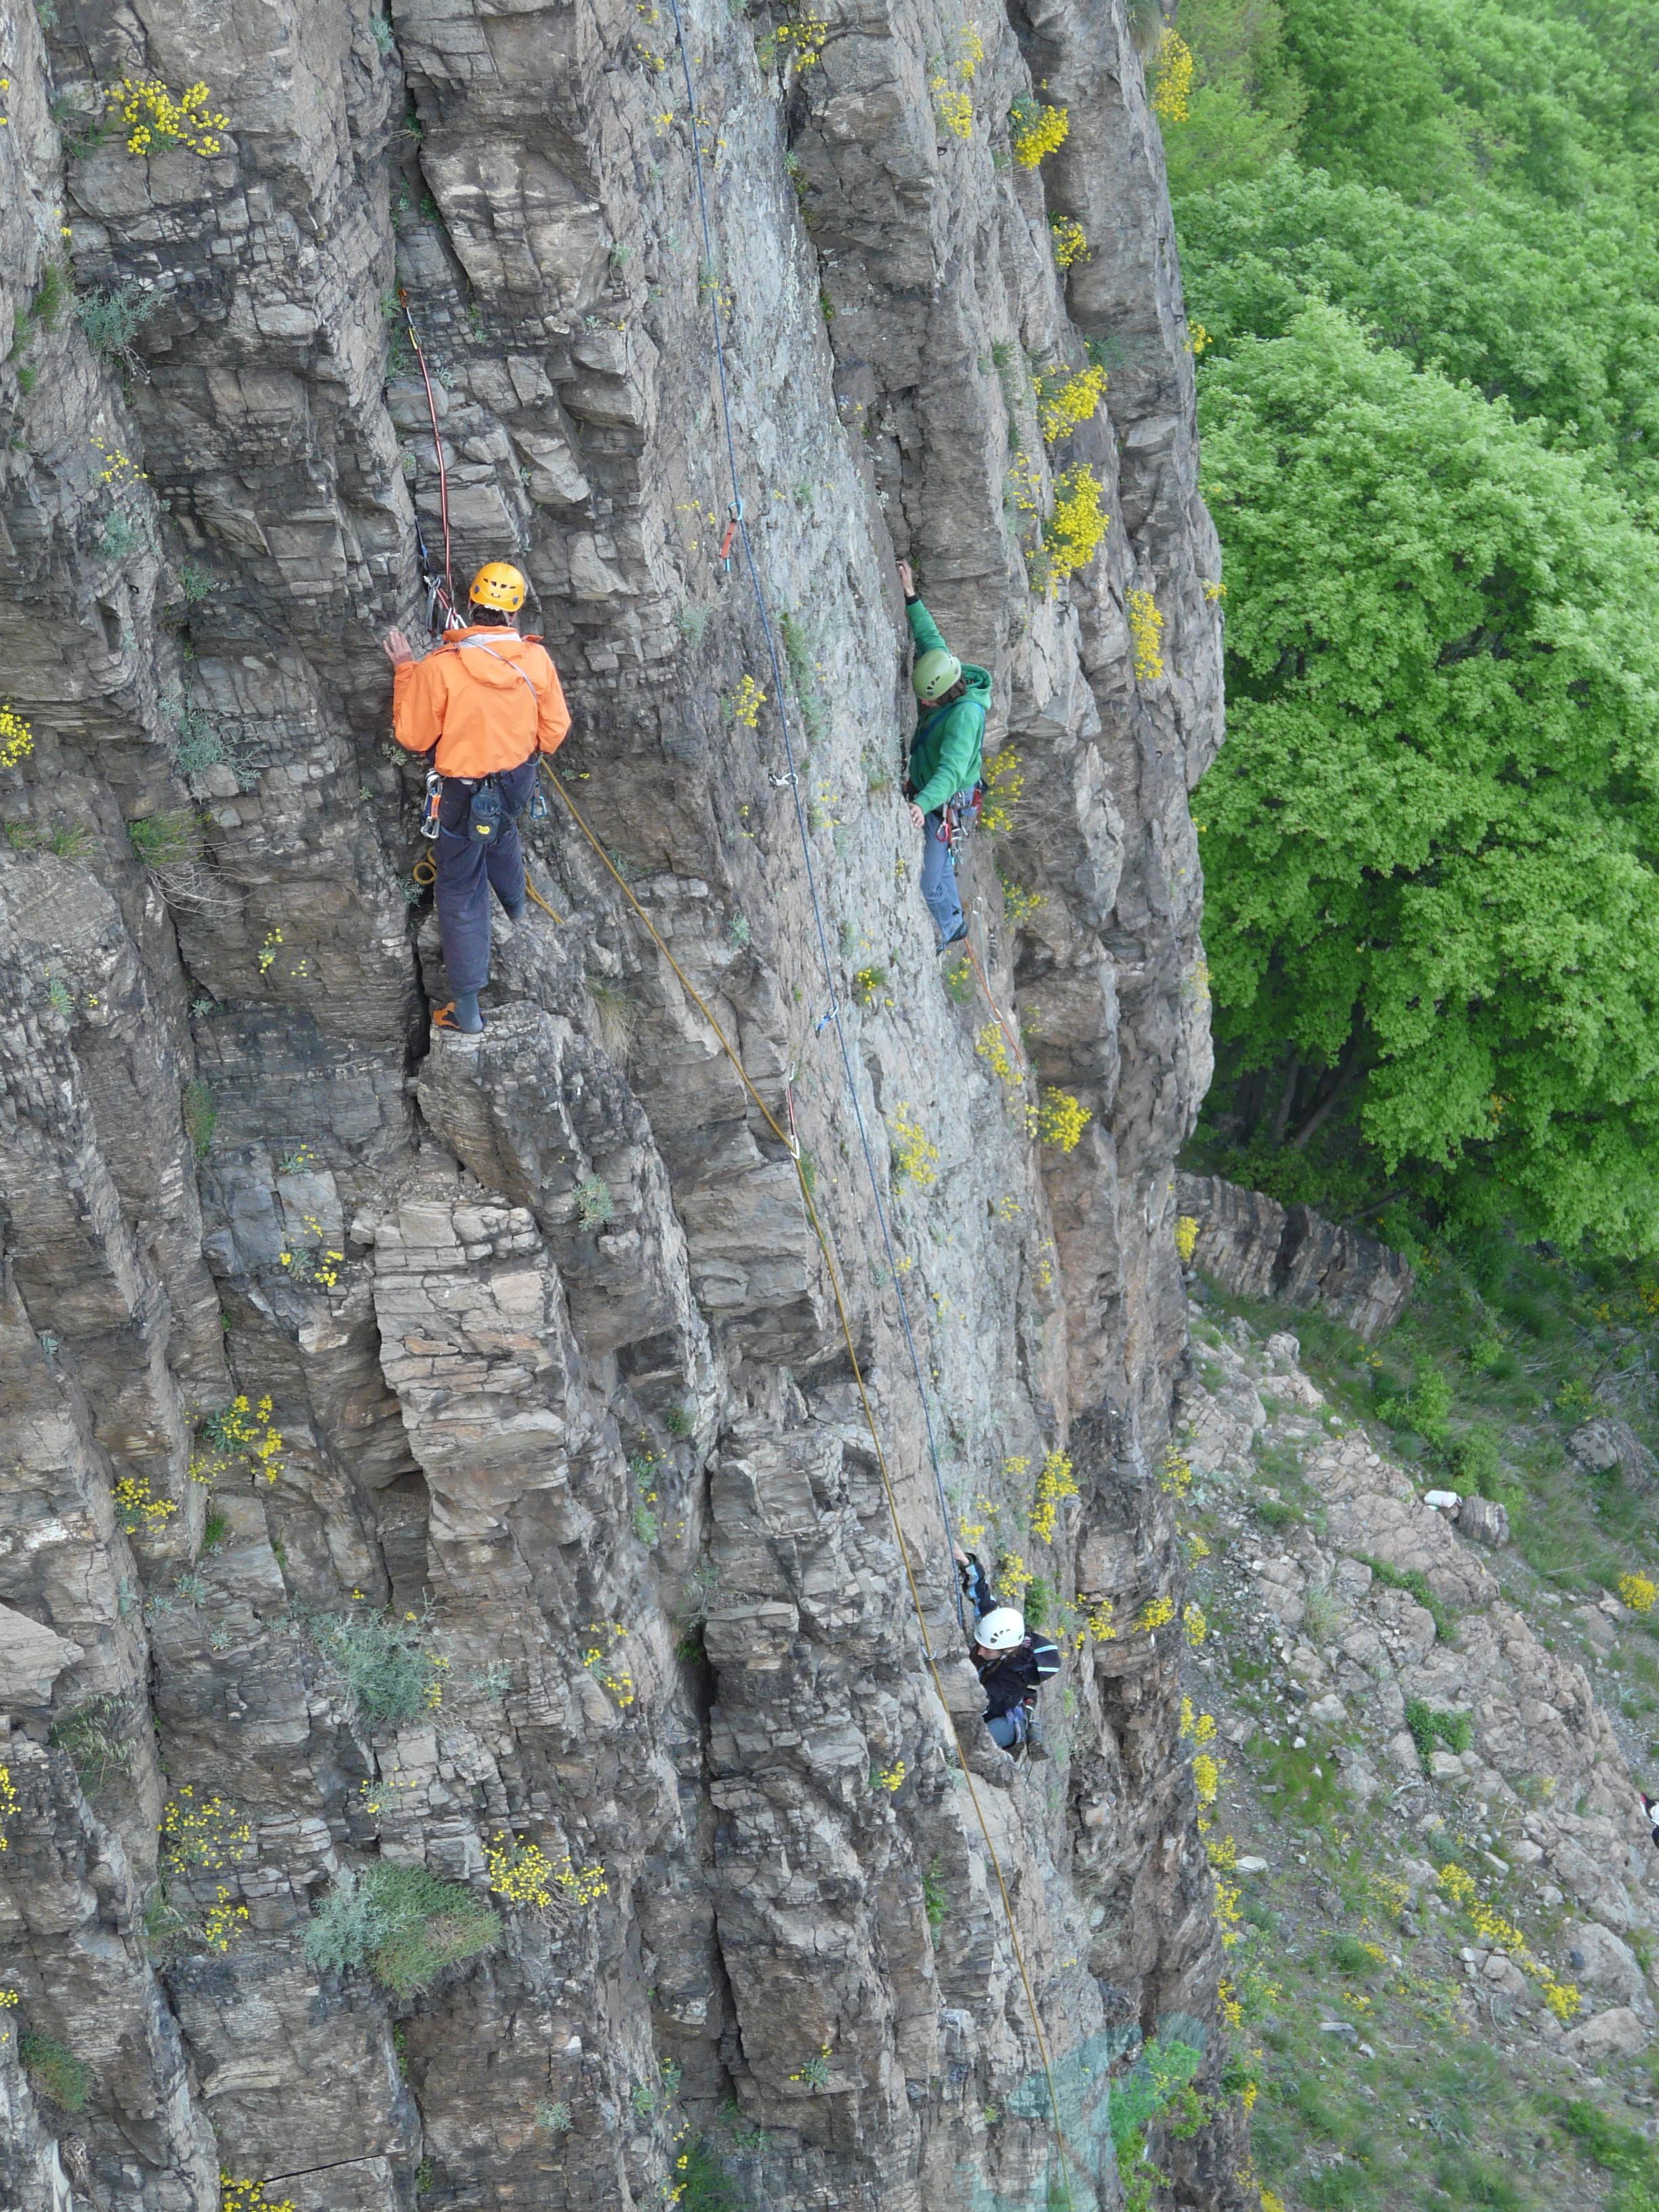 Climbing at Momina skala